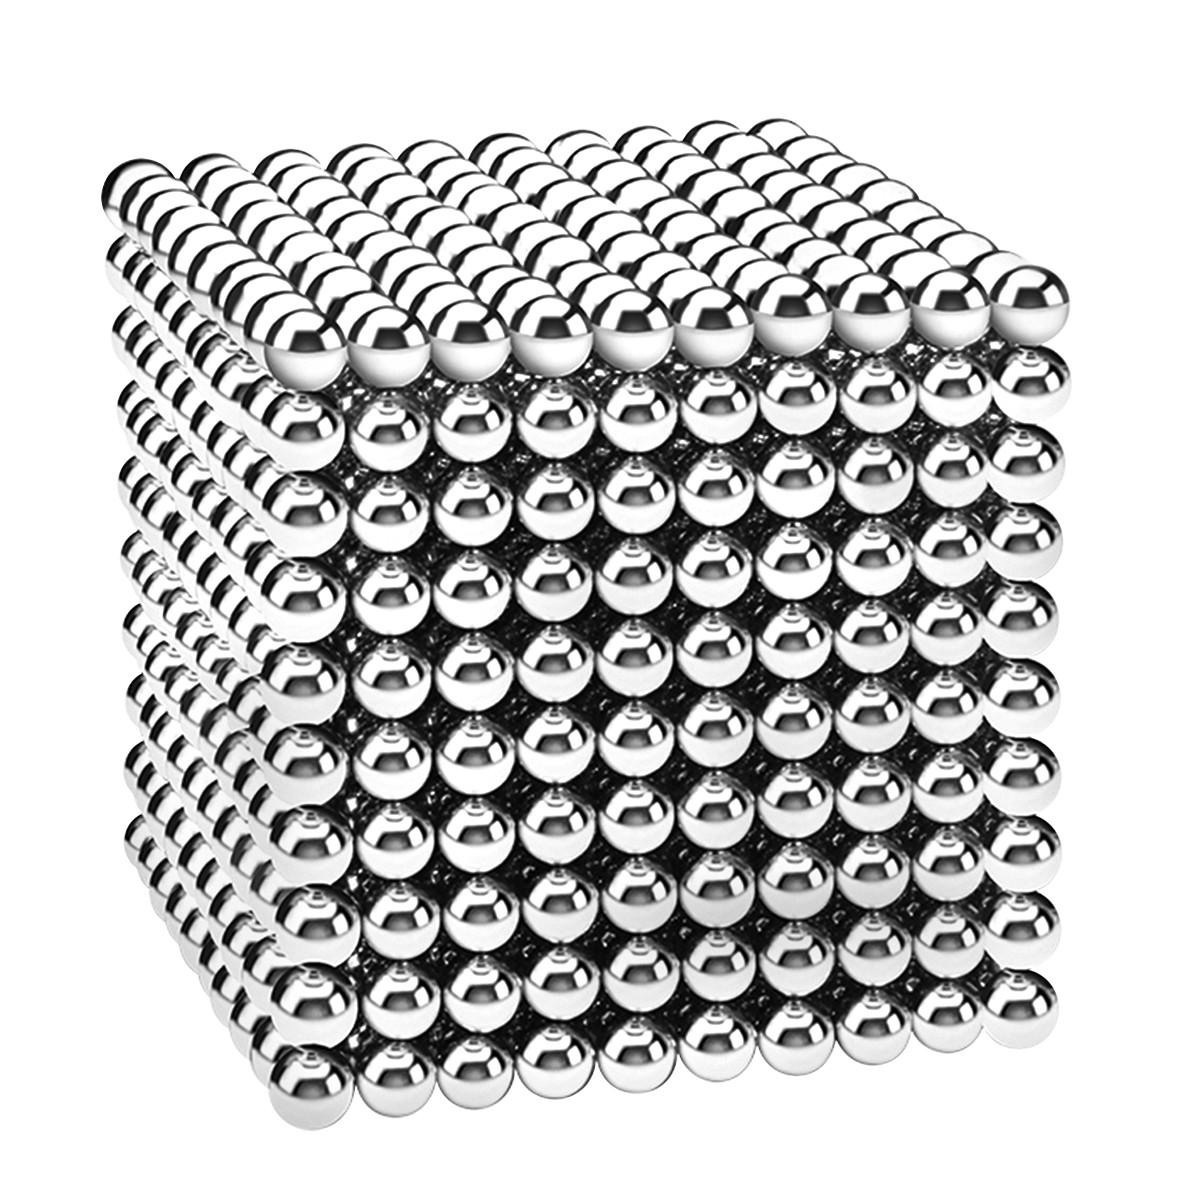 Магнитные шарики-головоломка SKY NEOCUBE (D5) комплект (1000 шт) Silver